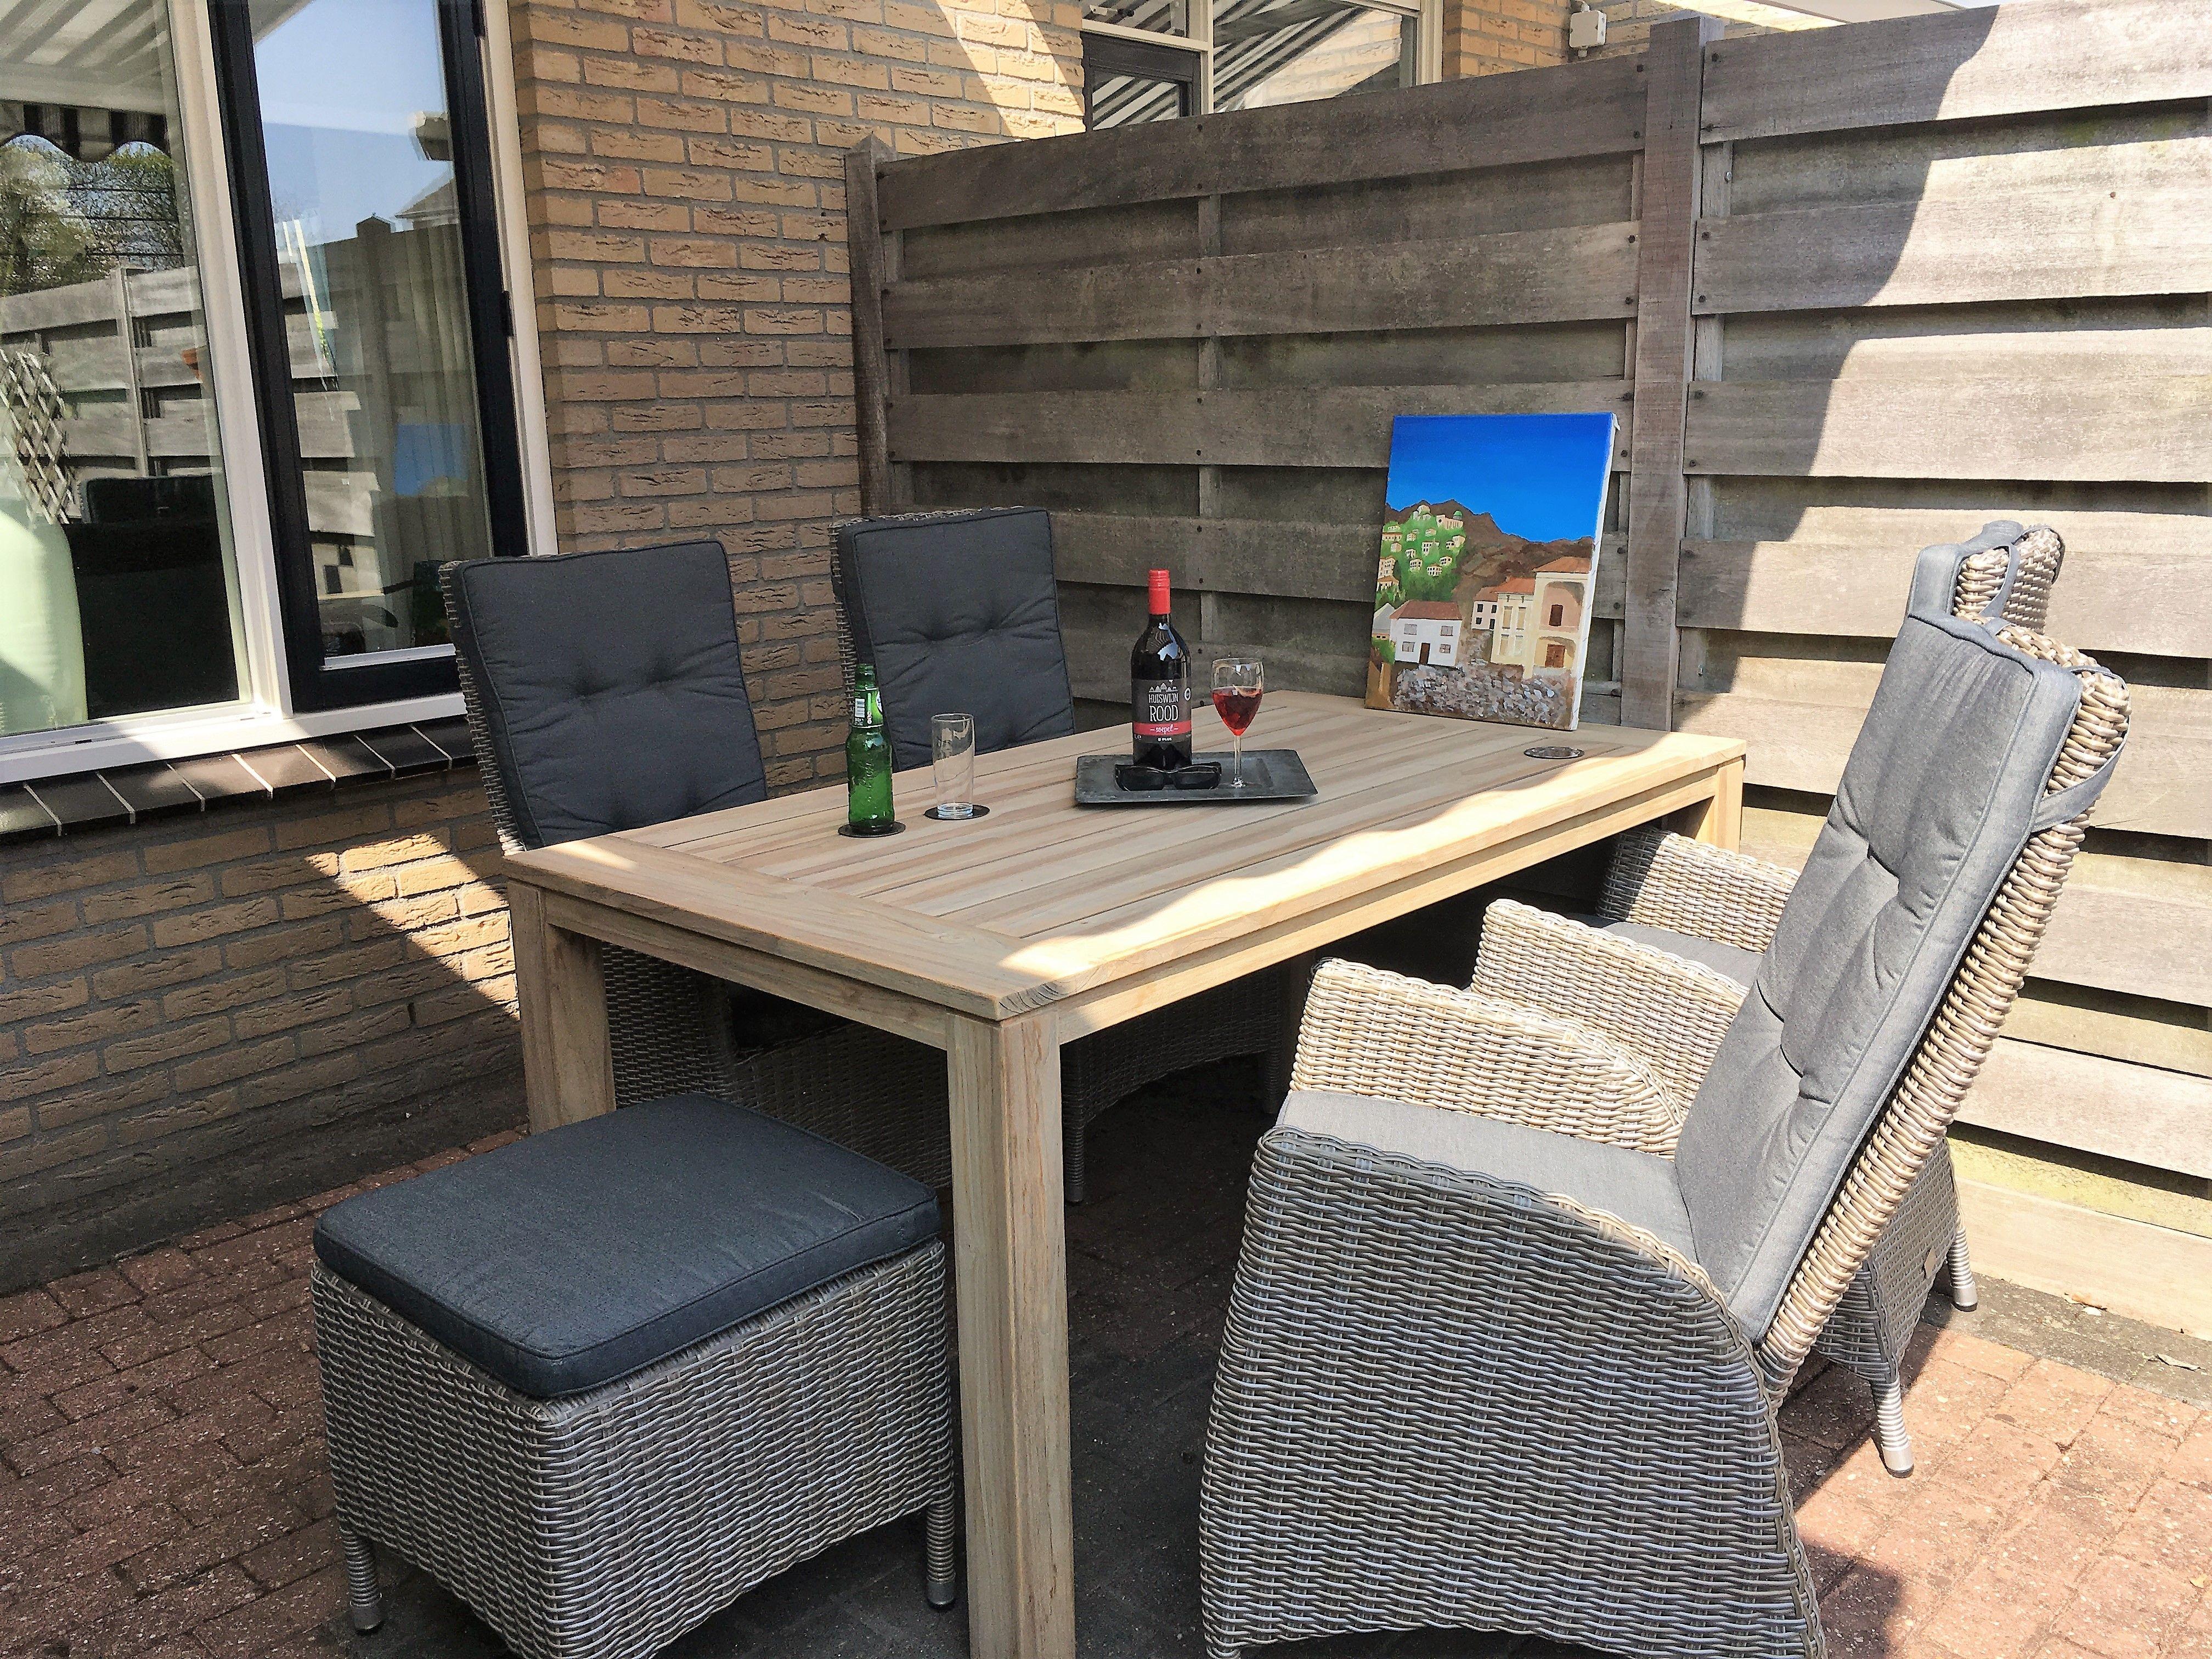 Tuinset met houten tafel en dining stoelen van vlechtwerk